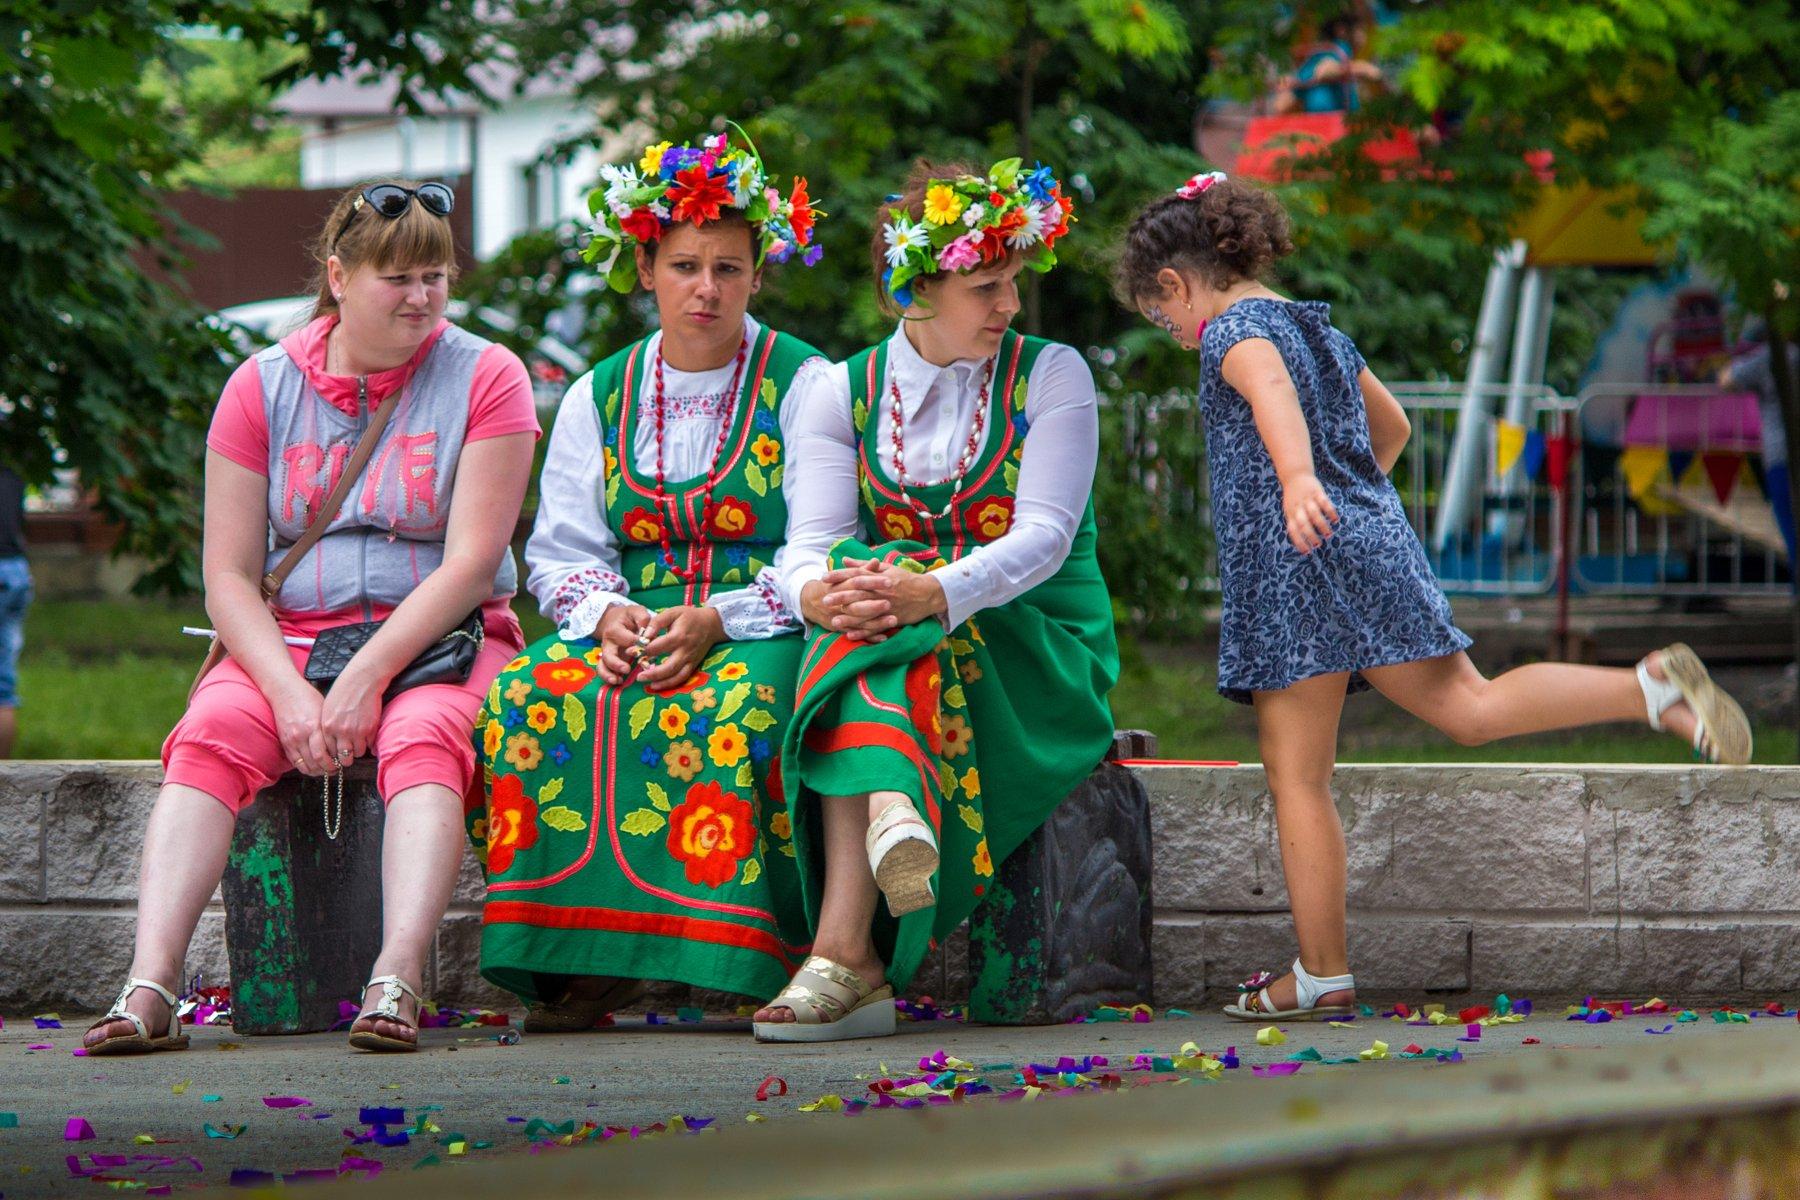 праздник, деревня, городской парк, девочка, Руслан Востриков